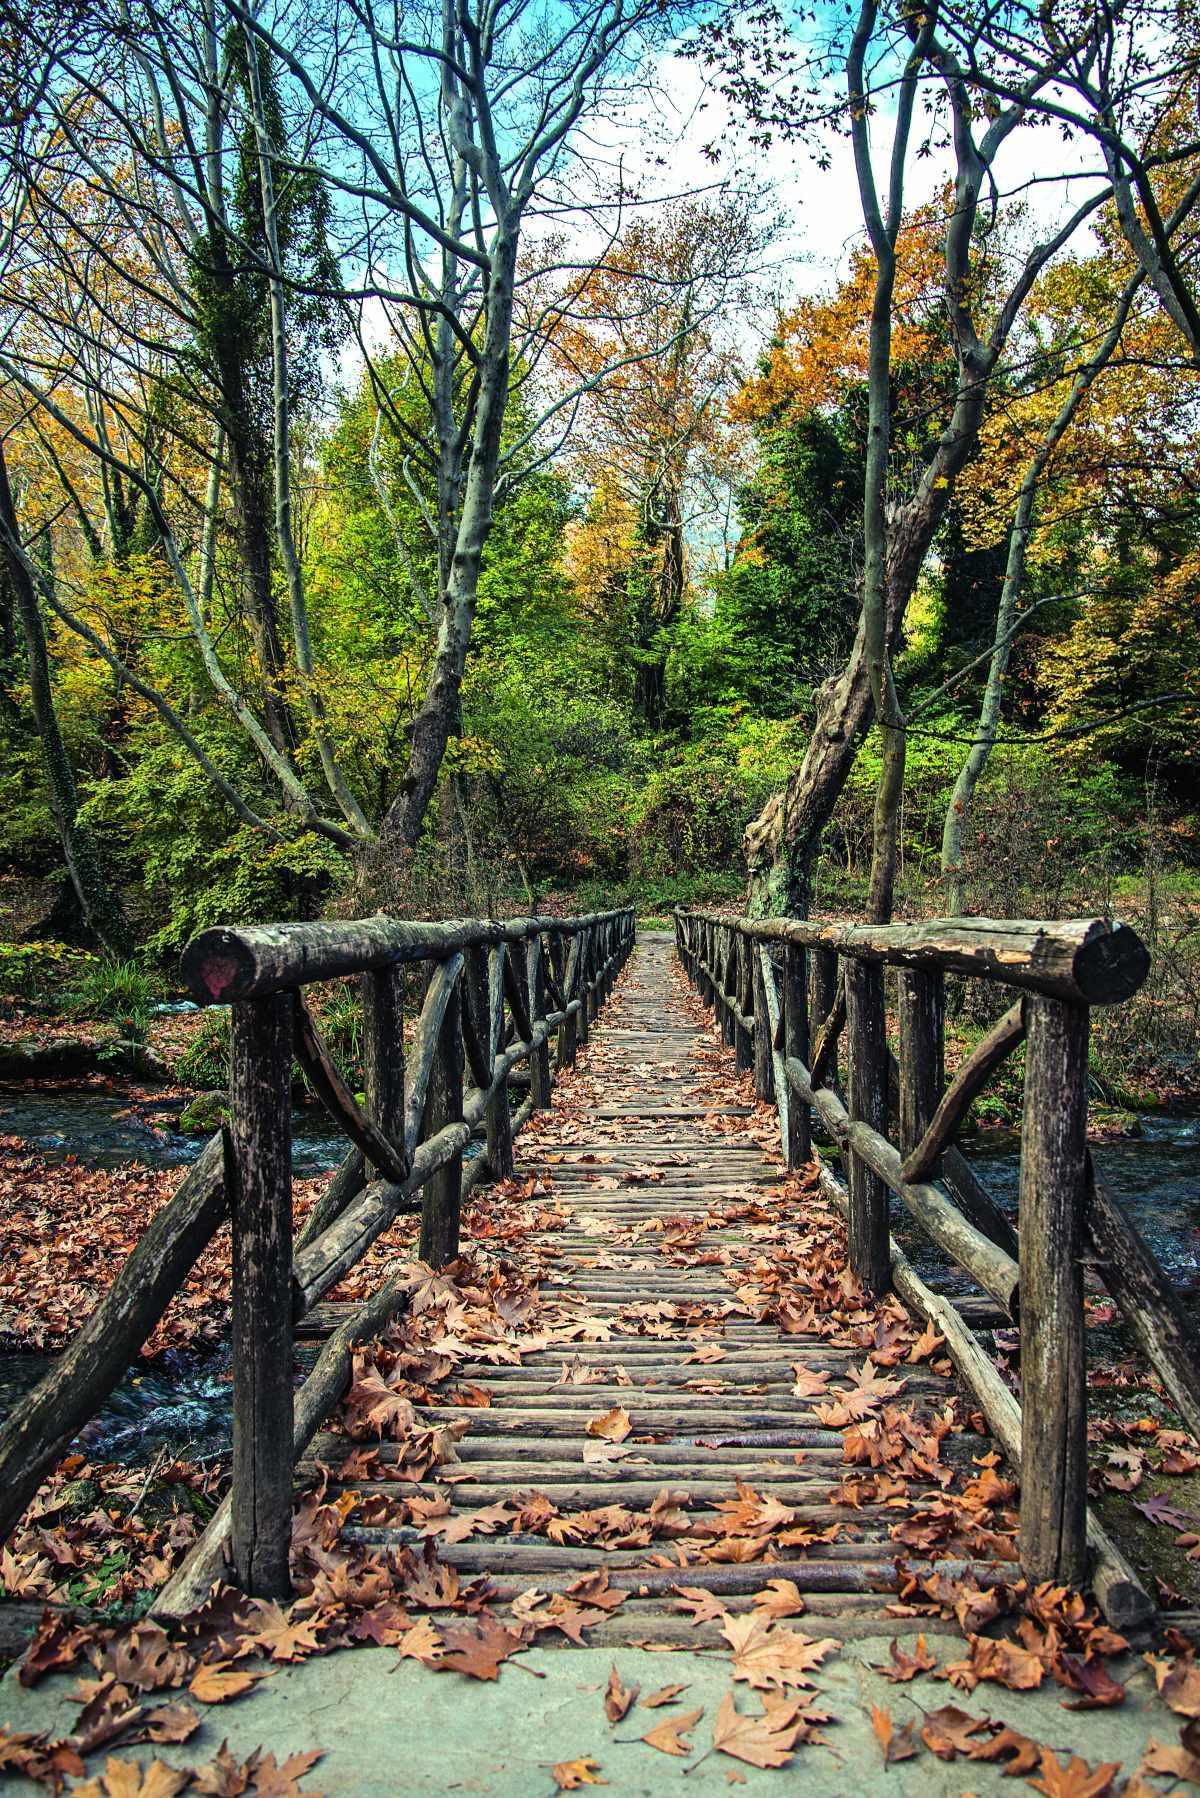 Γέφυρα ξύλινη- Πάρκο Αγίου Νικολάου, Νάουσα